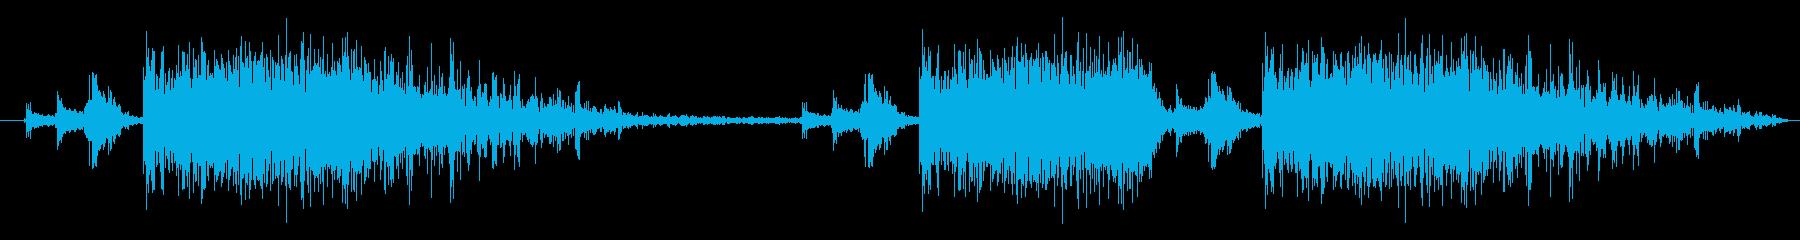 銃撃音の再生済みの波形